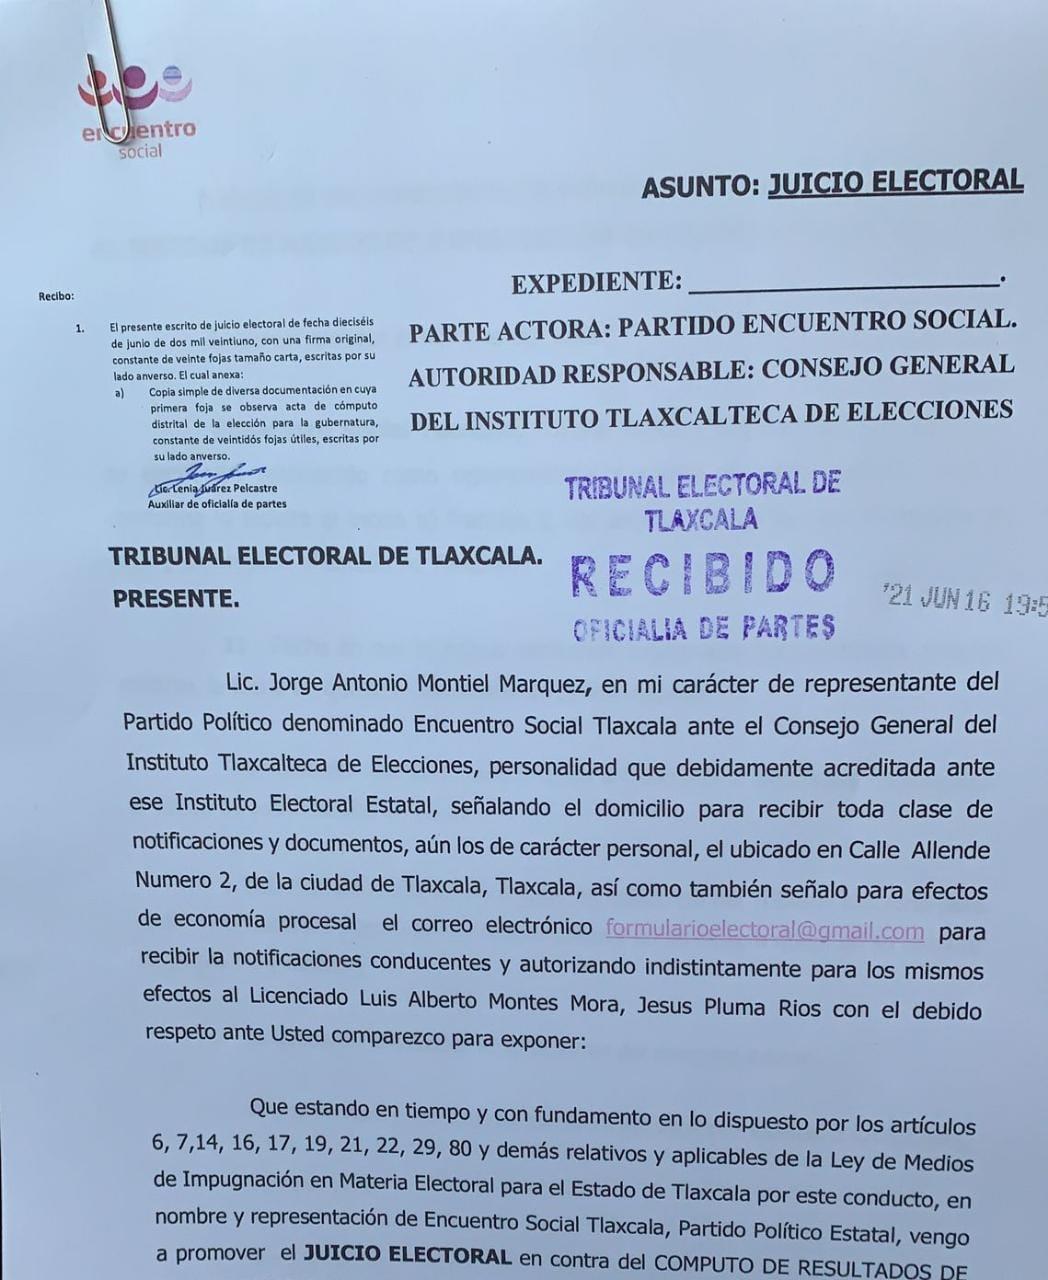 El PEST presenta impugnación ante el Tribunal Electoral de Tlaxcala